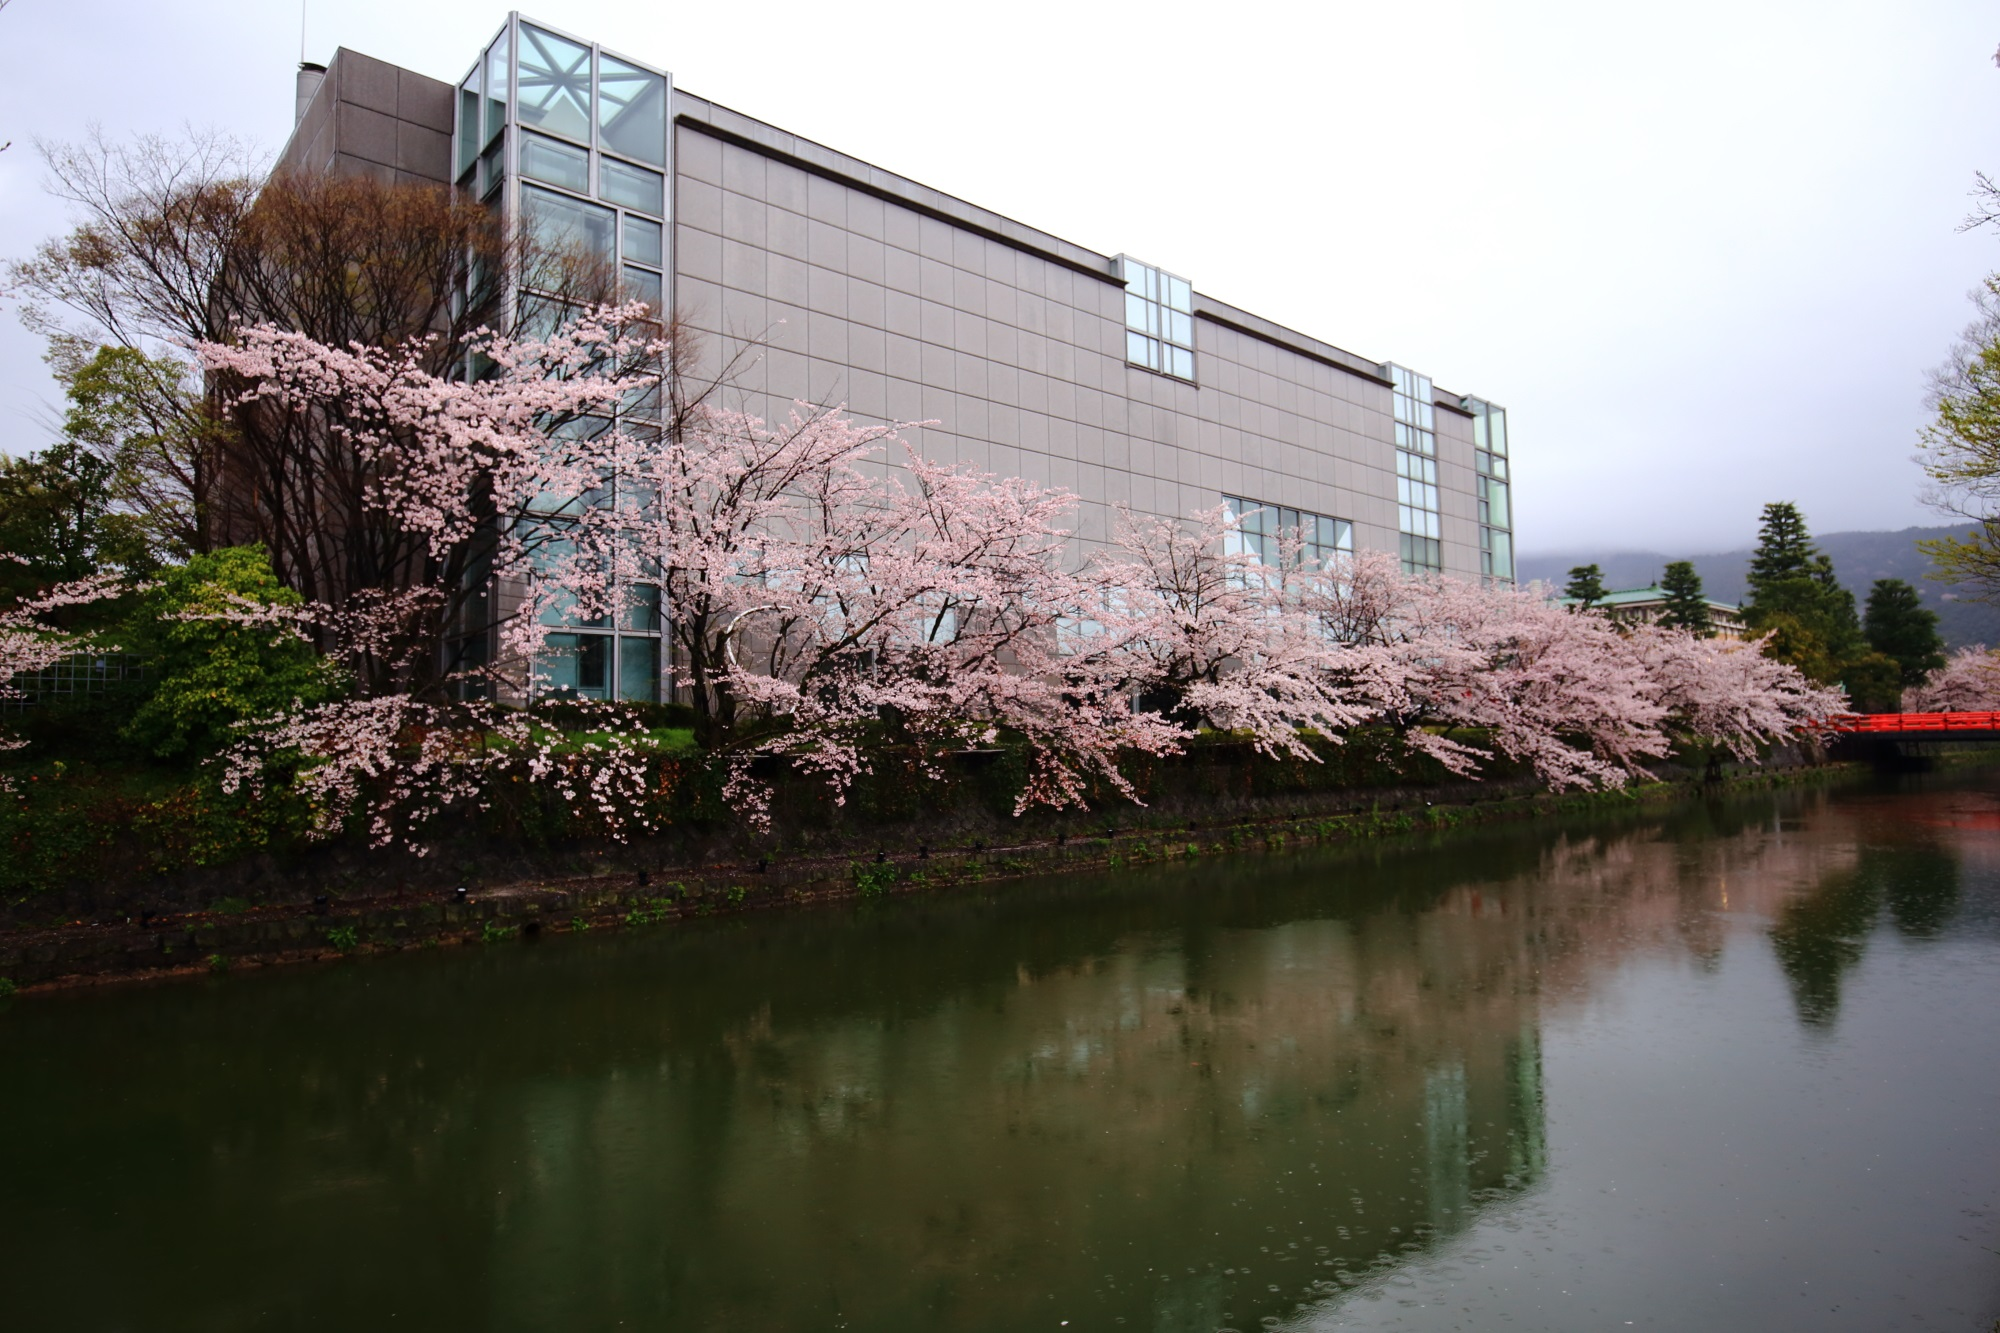 桜の名所の琵琶湖疏水の京都国立近代美術館前の満開の桜